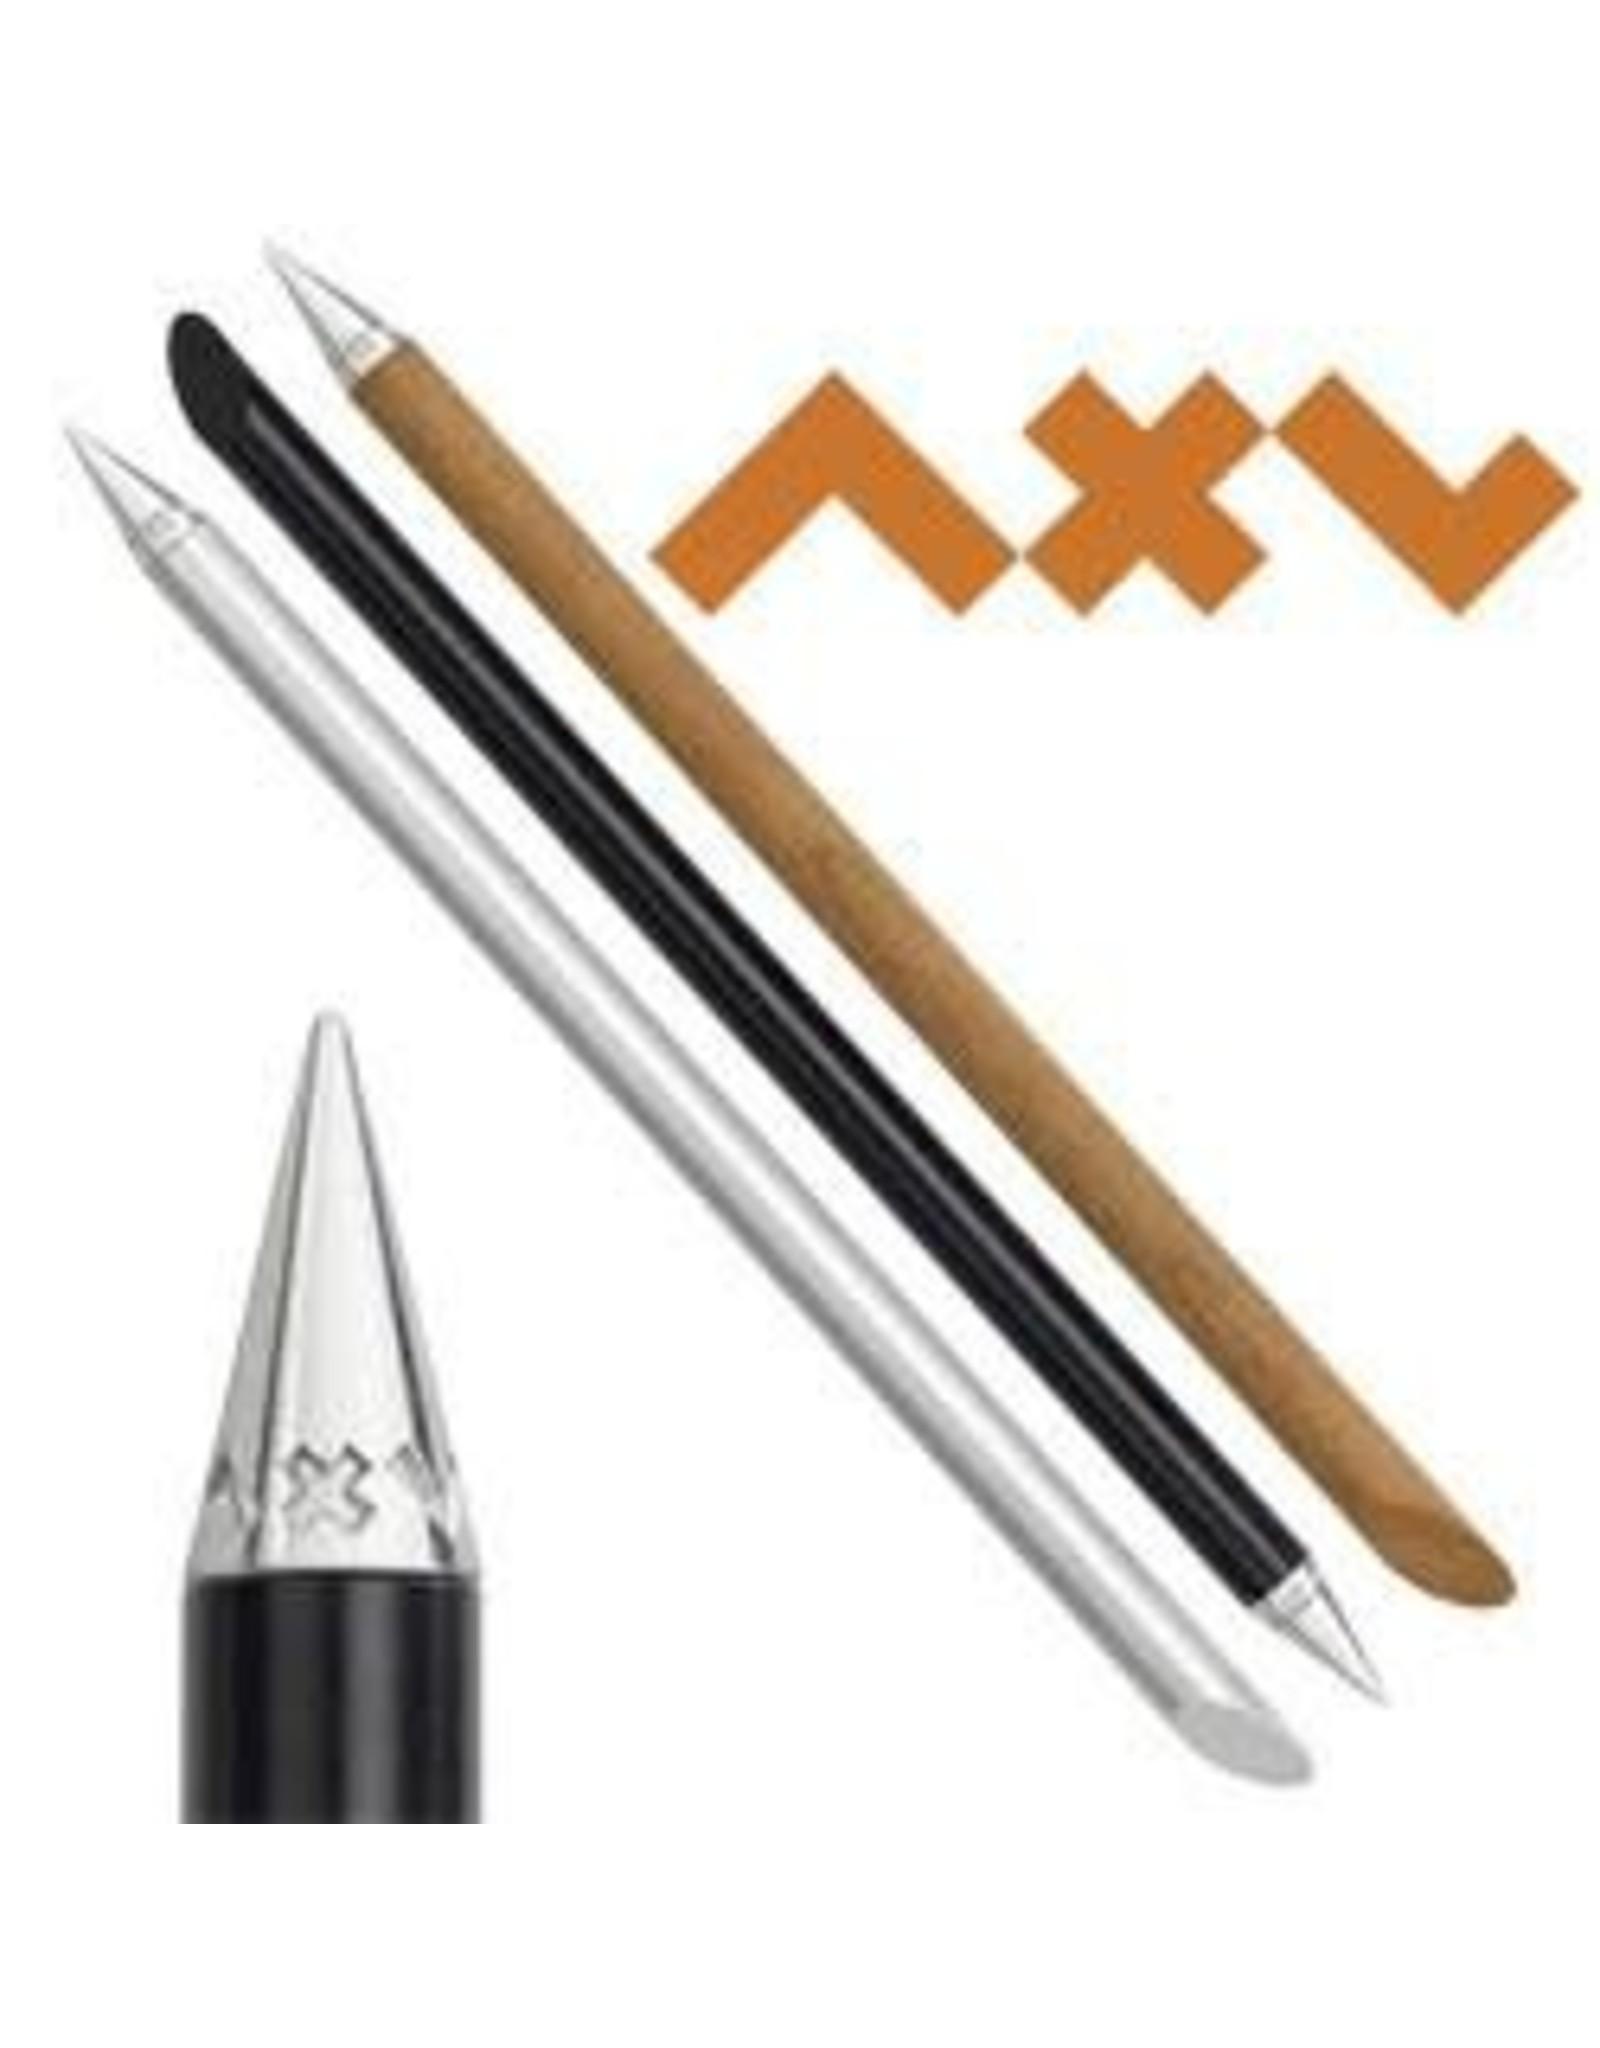 Beta Inkless Beta Inkless Pen